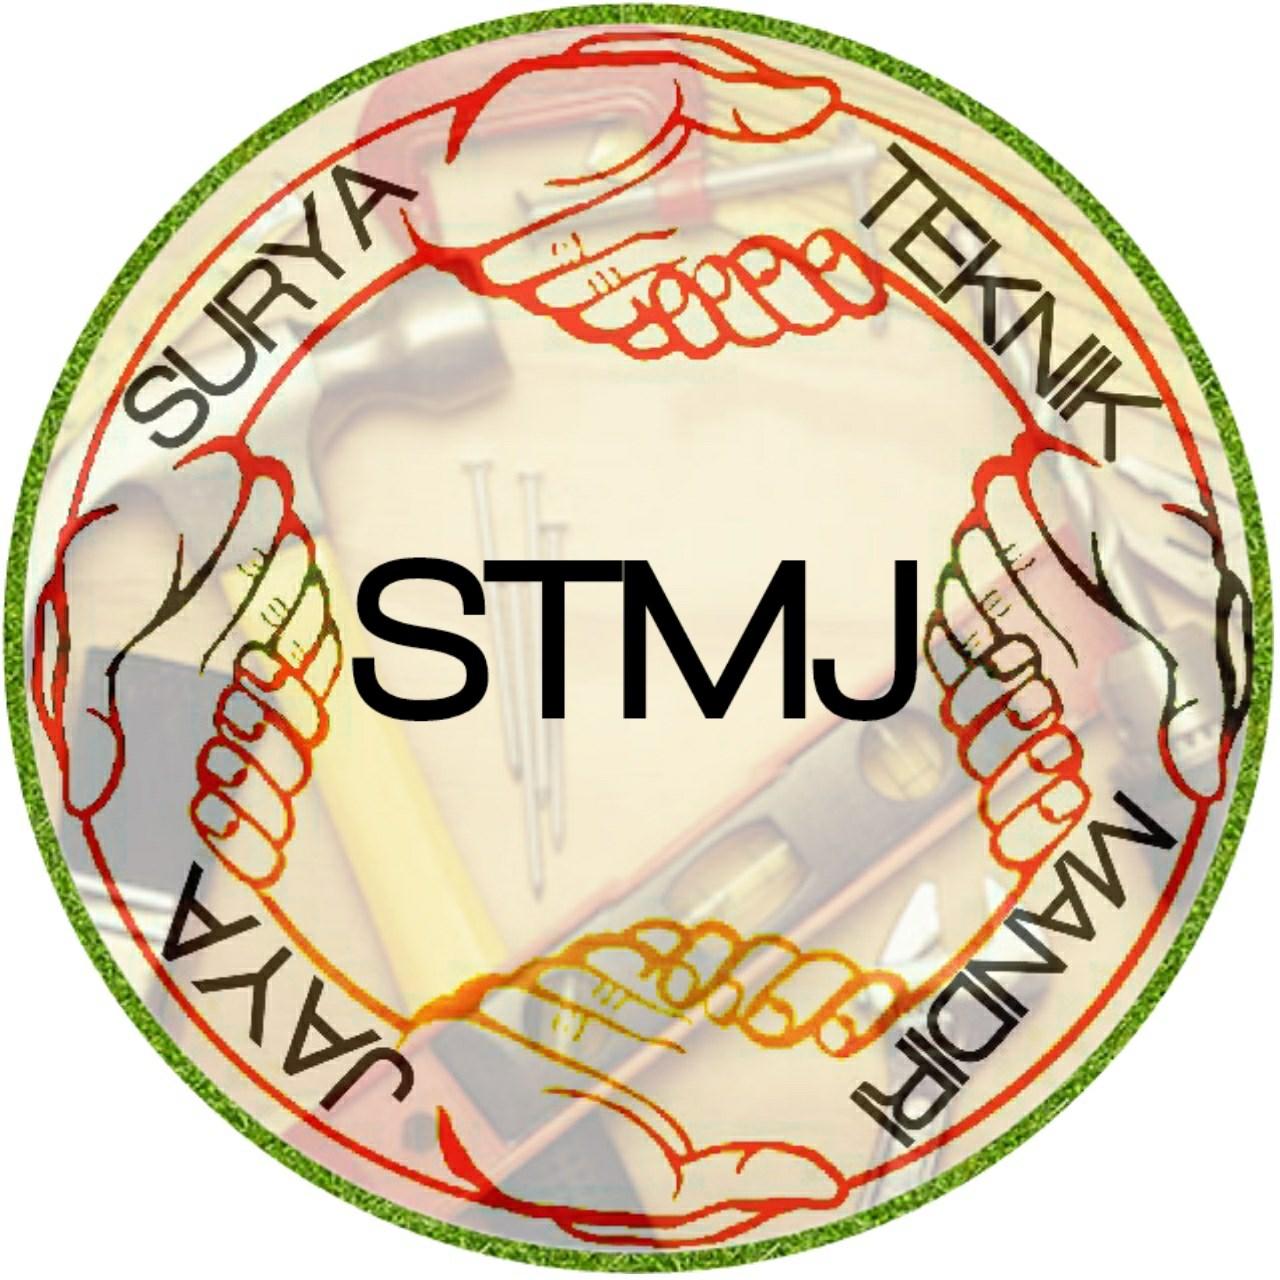 Surya Teknik Mandiri Jaya